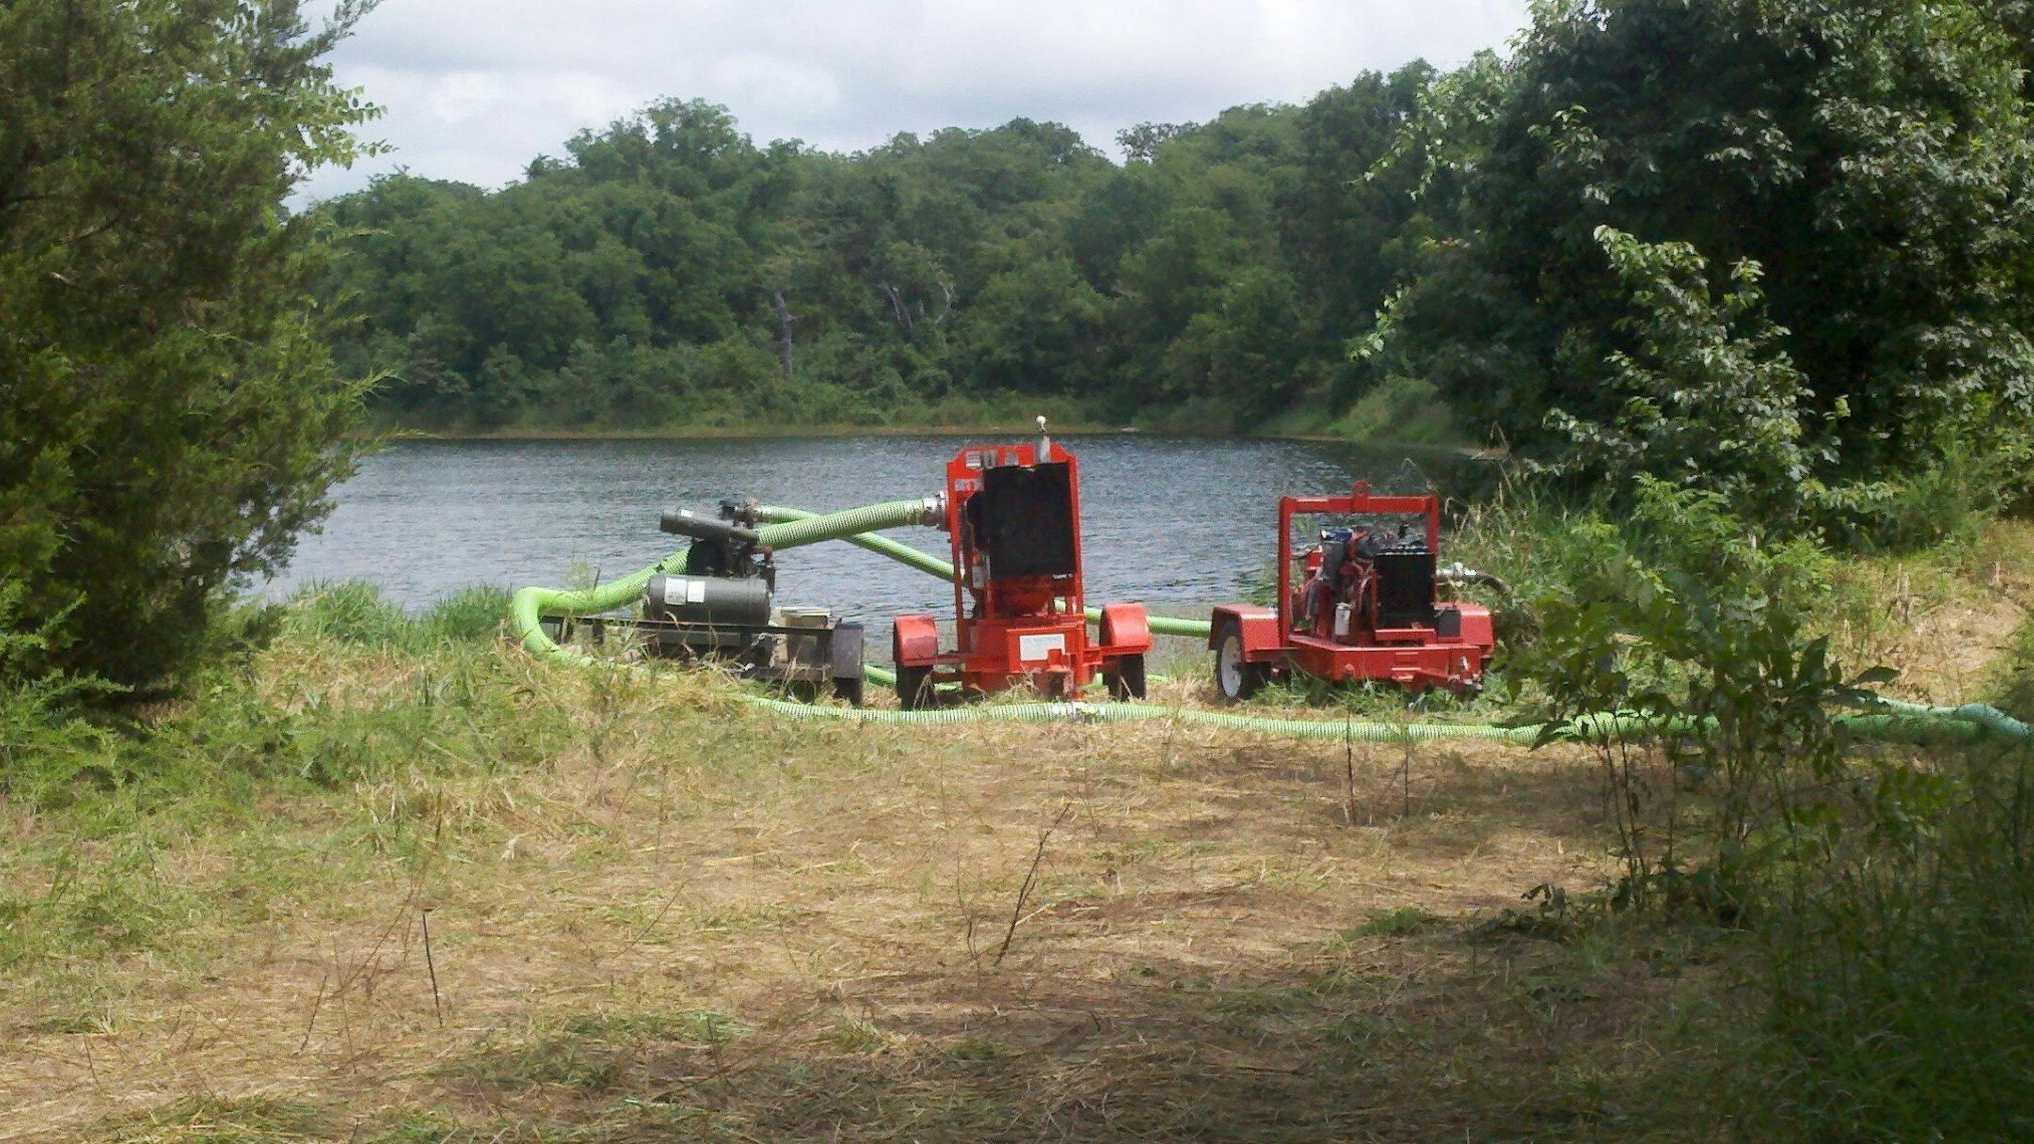 Image Warsaw pond draining